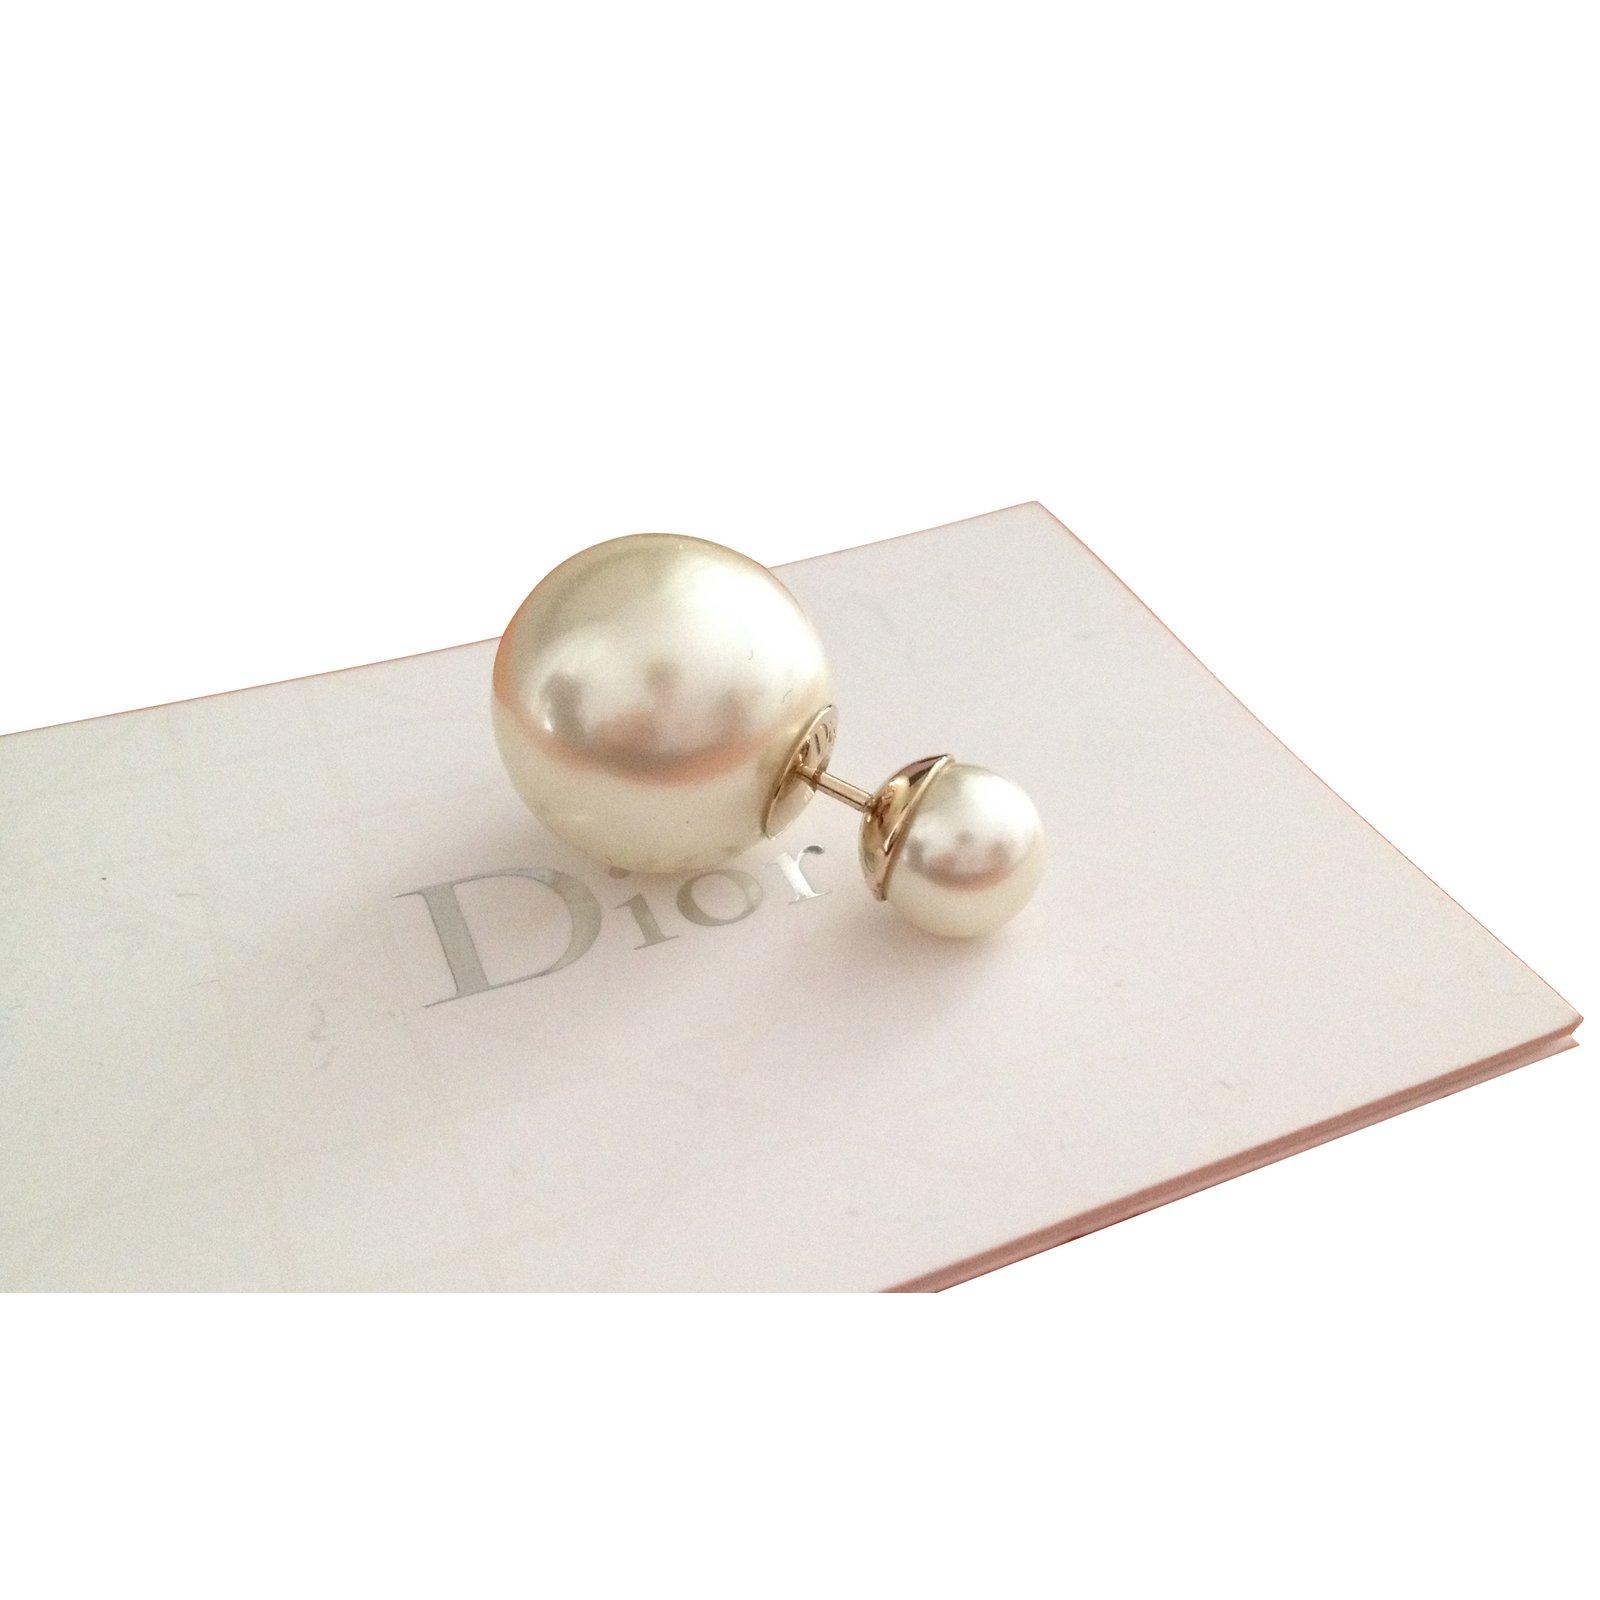 Avec Oreille Boucle D Dior Croix bY7gyfv6